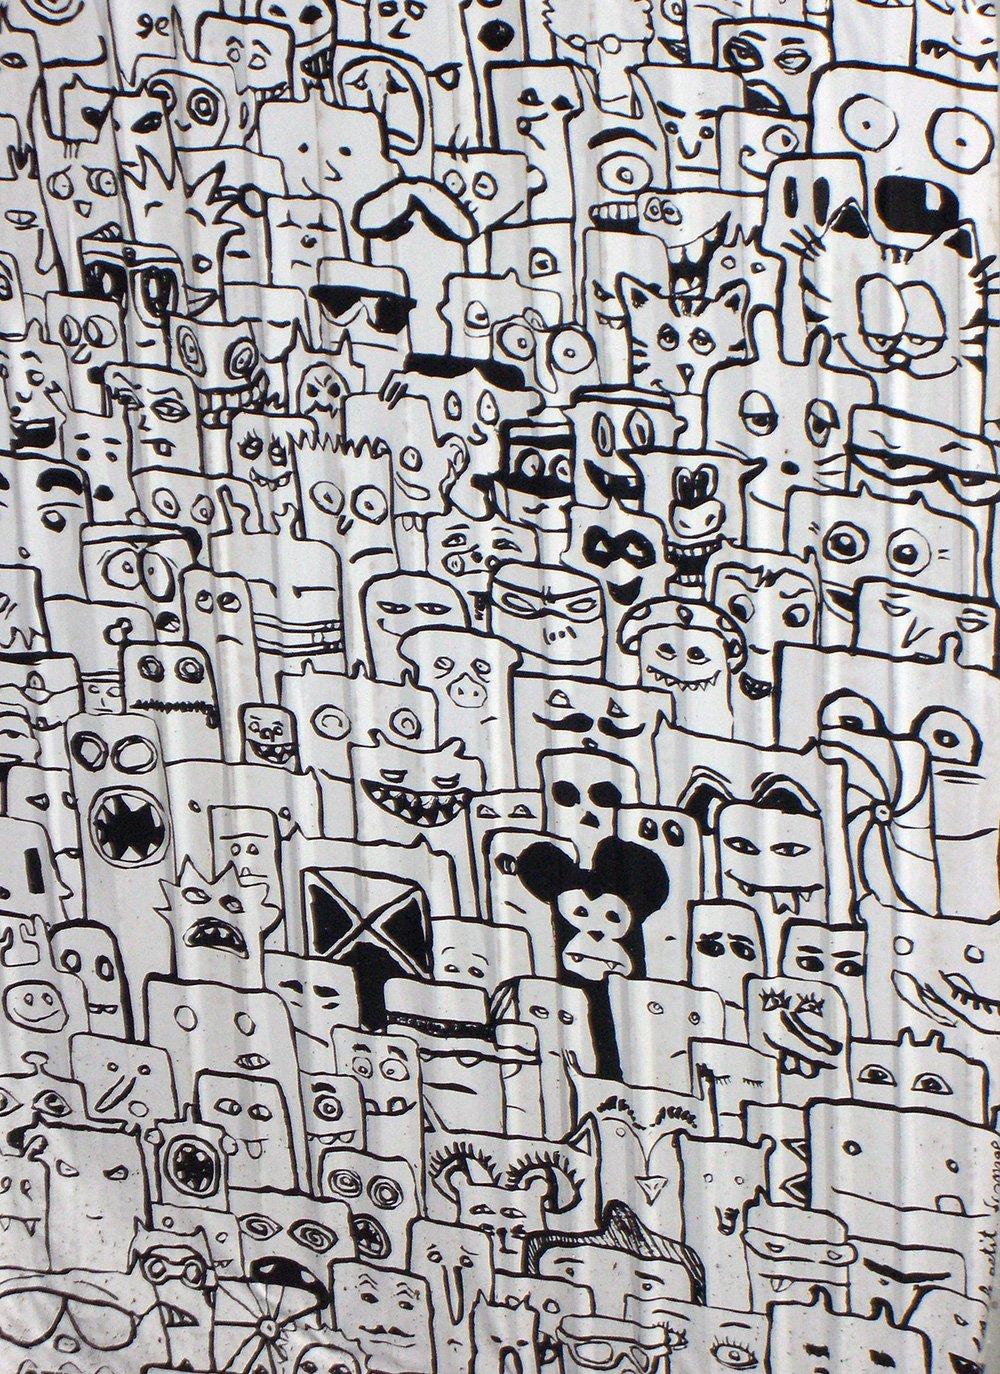 Graffiti comics in Berlin